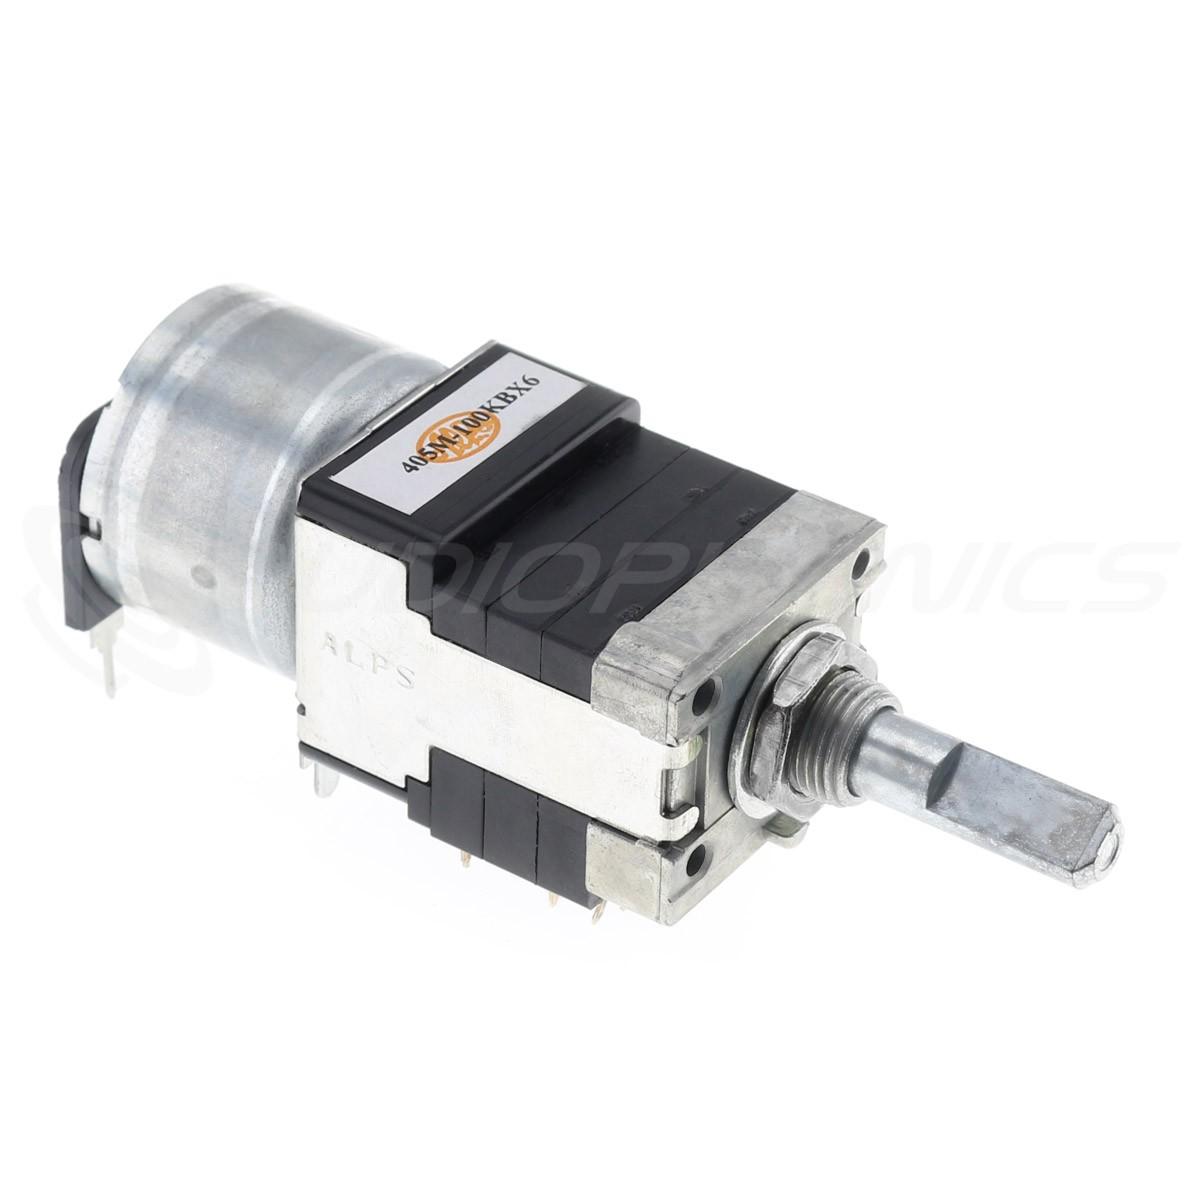 ALPS RK16816MG Potentiomètre Motorisé 6 Voies Logarithmique 100k